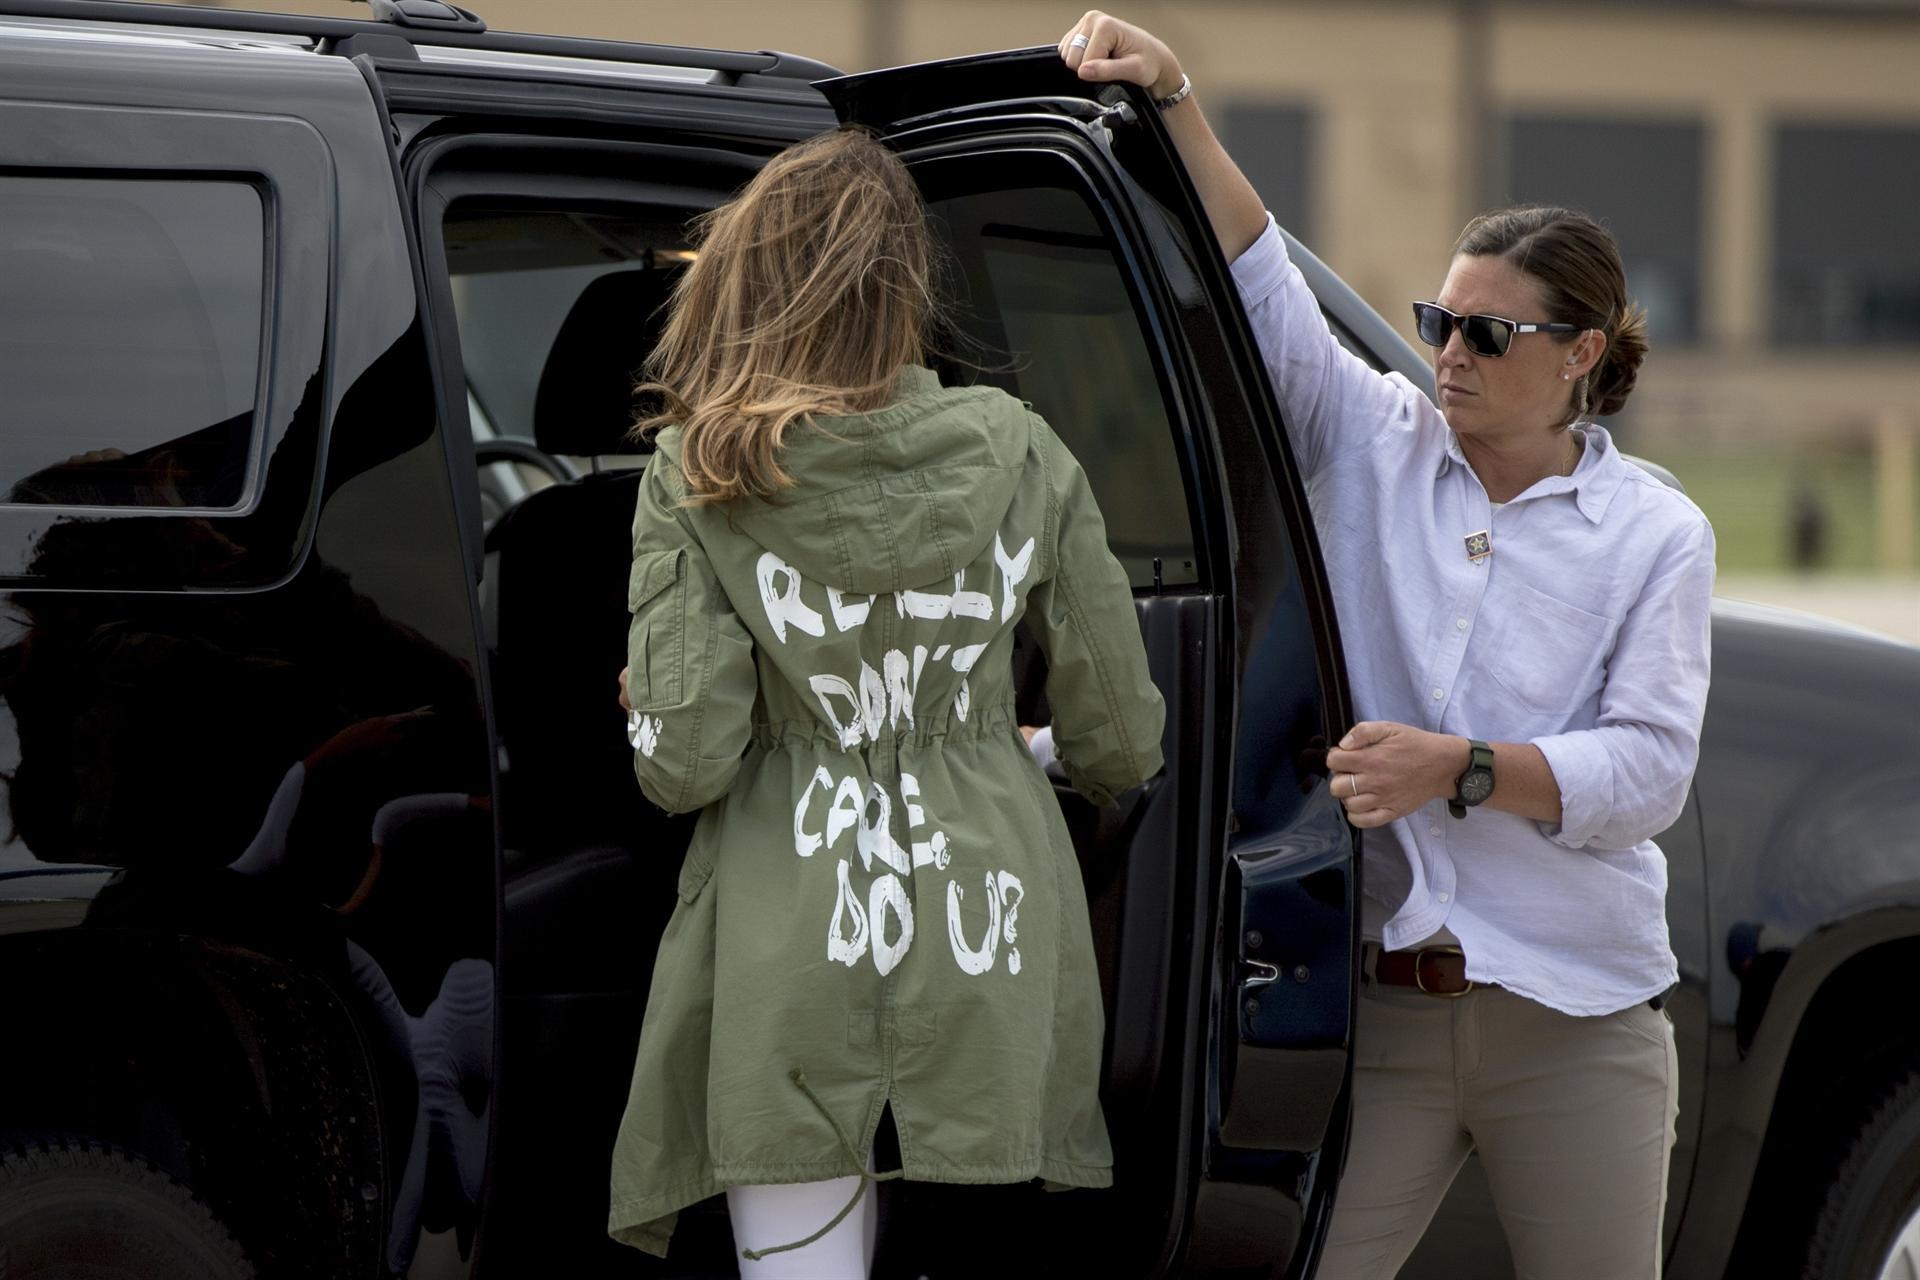 Melania Trump'ın ceketi ABD'yi karıştırdı! Açıklama Donald Trump'tan geldi https://t.co/9EiQs74LrL https://t.co/dBTwpXJnzO